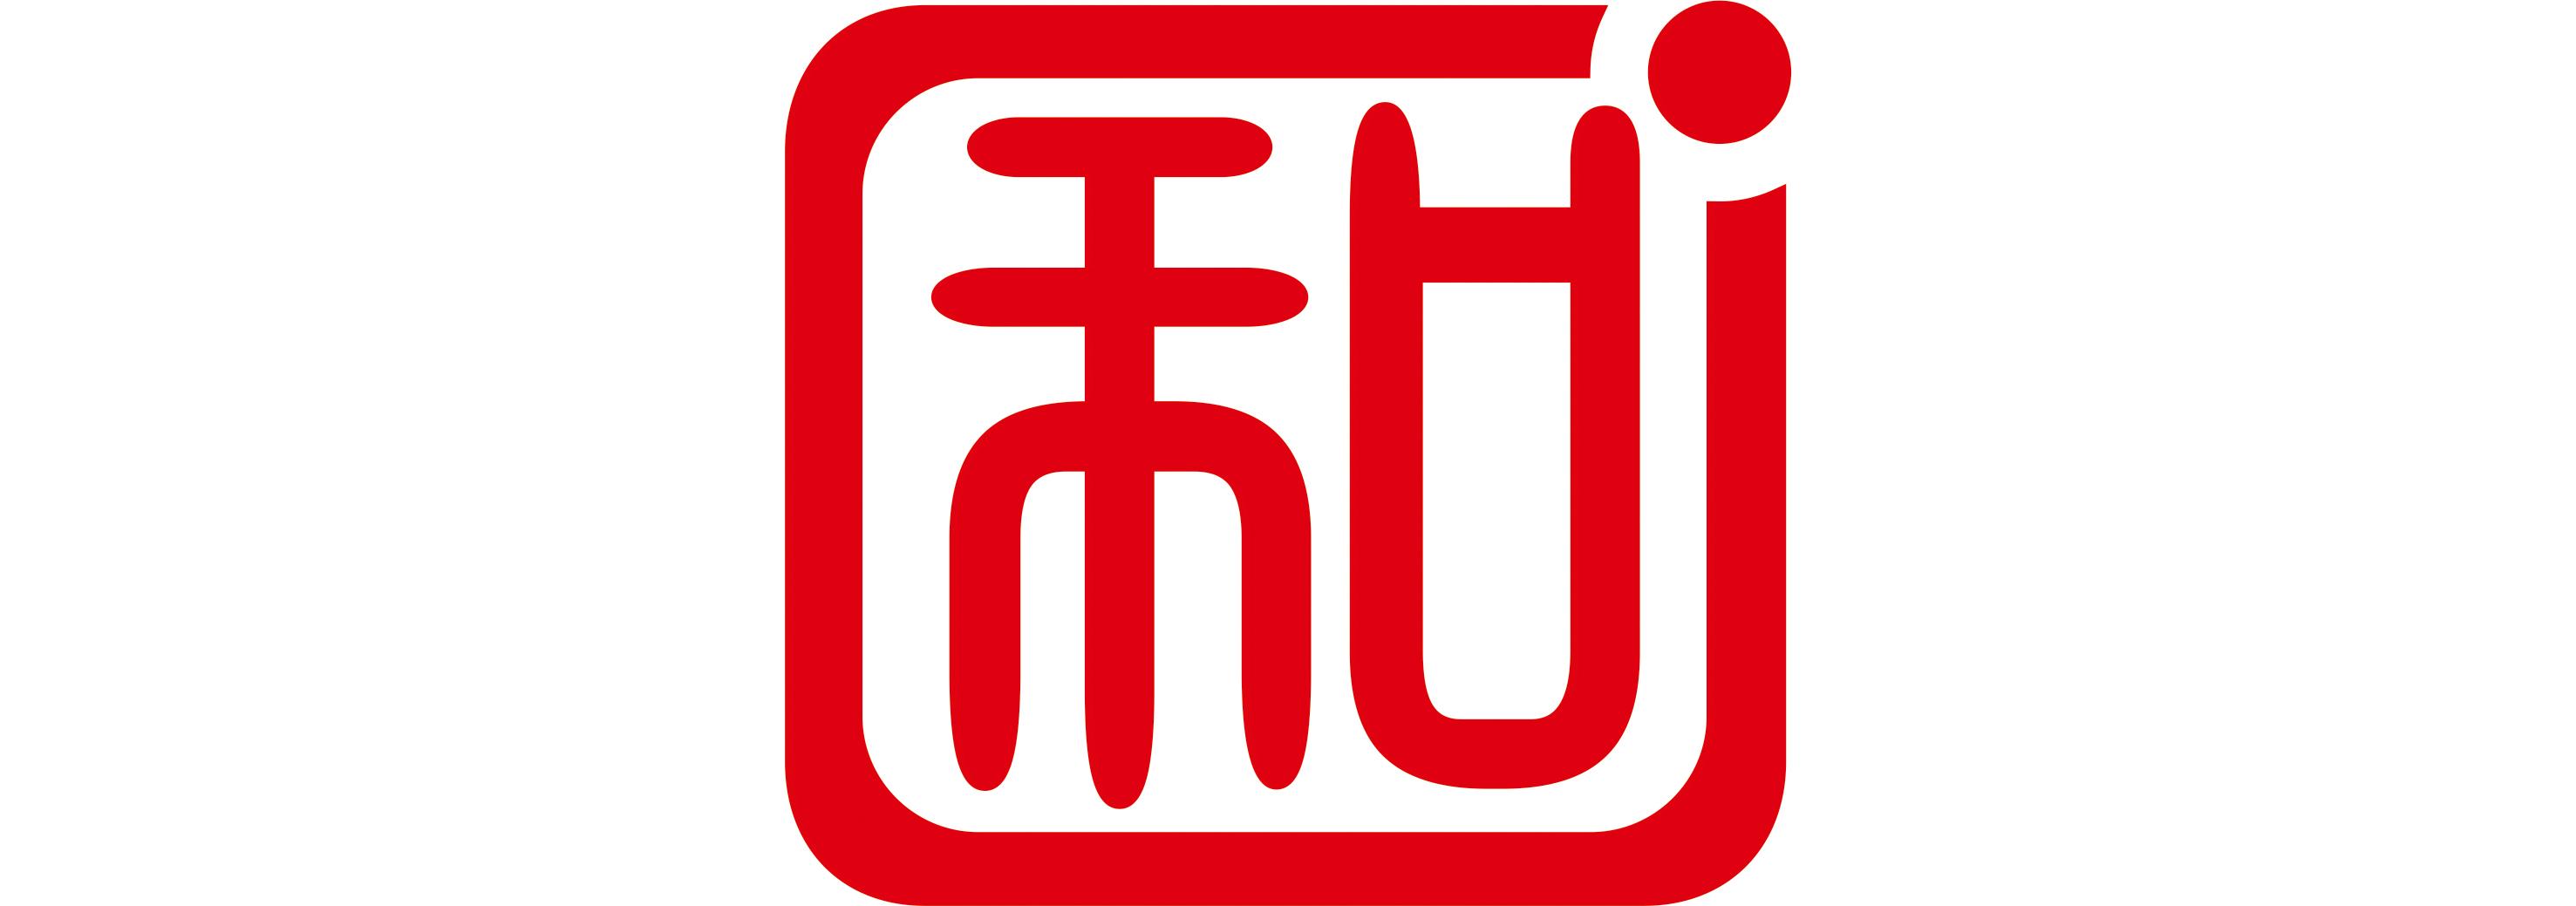 深圳市建和智能卡技术有限公司-深圳物联网展会